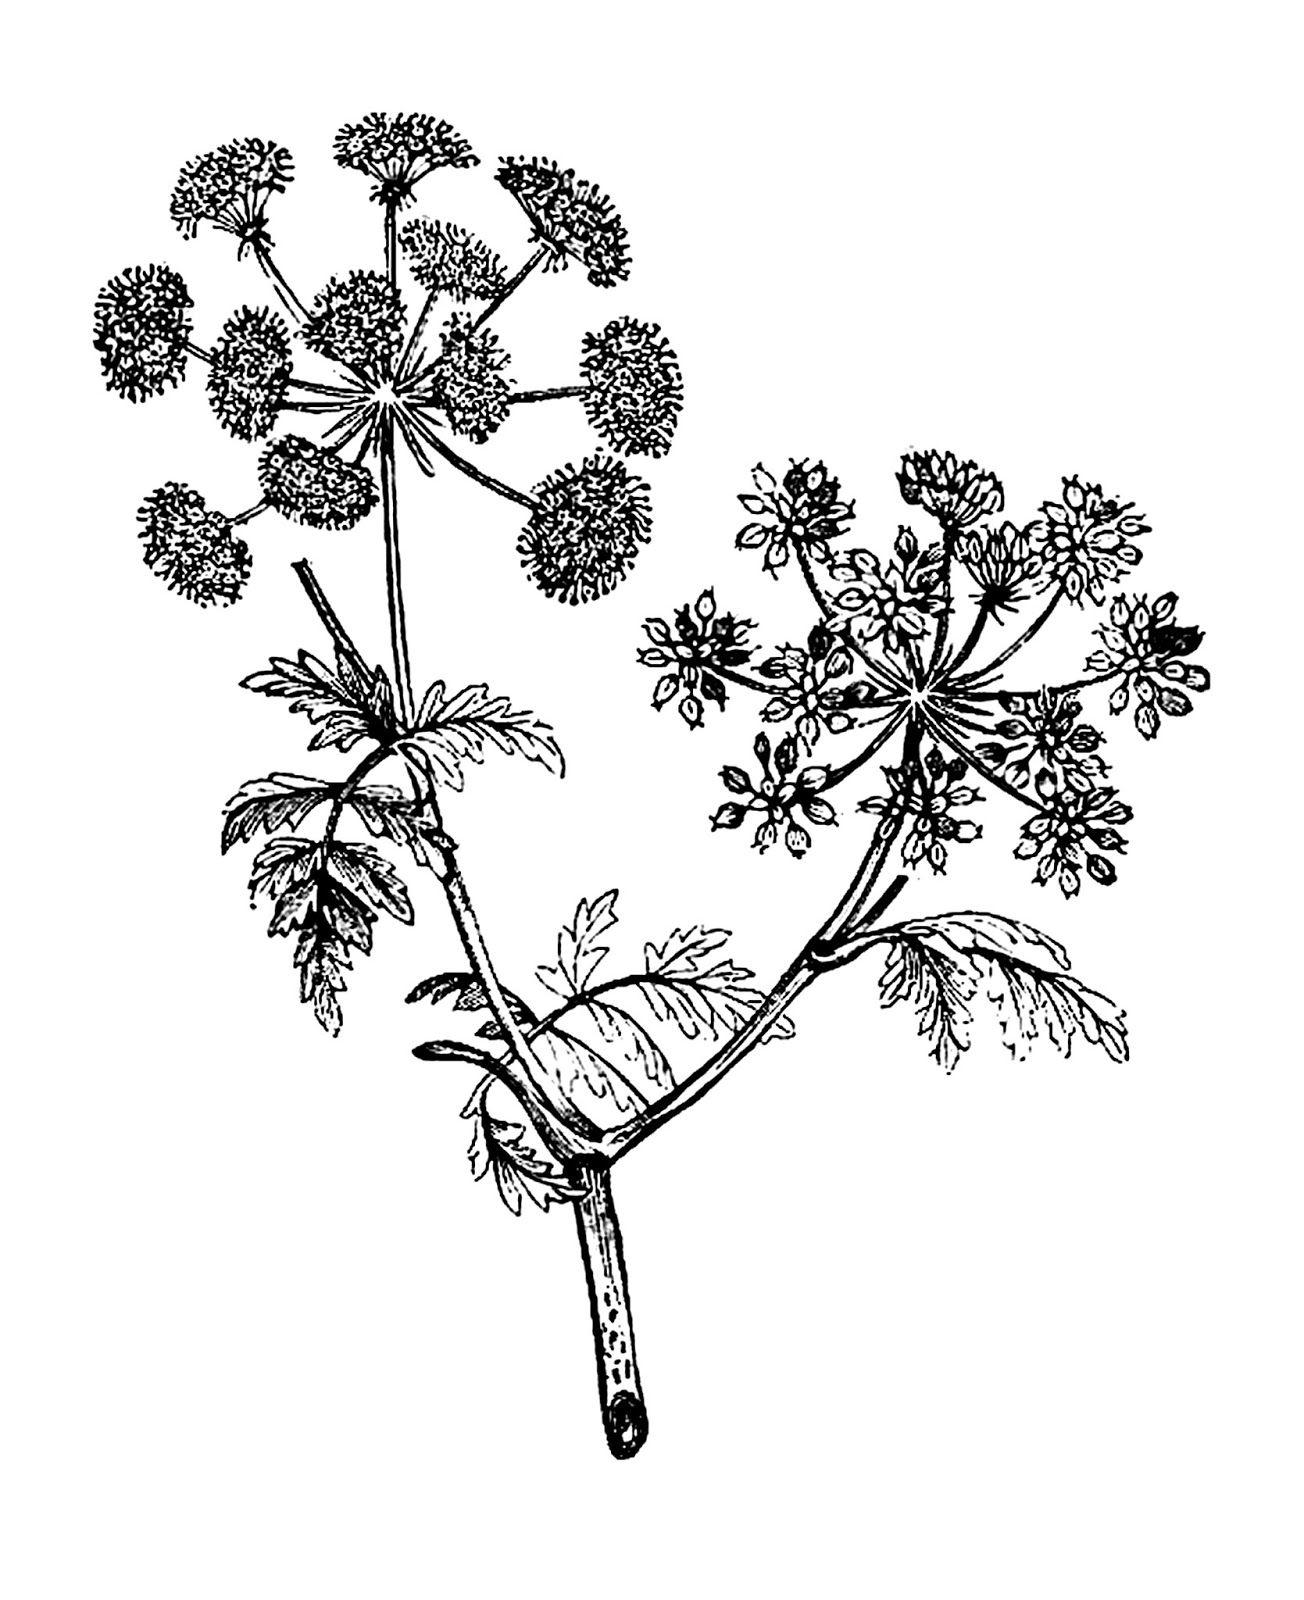 Digital Stamp Design Free Flower Digital Stamp Vintage